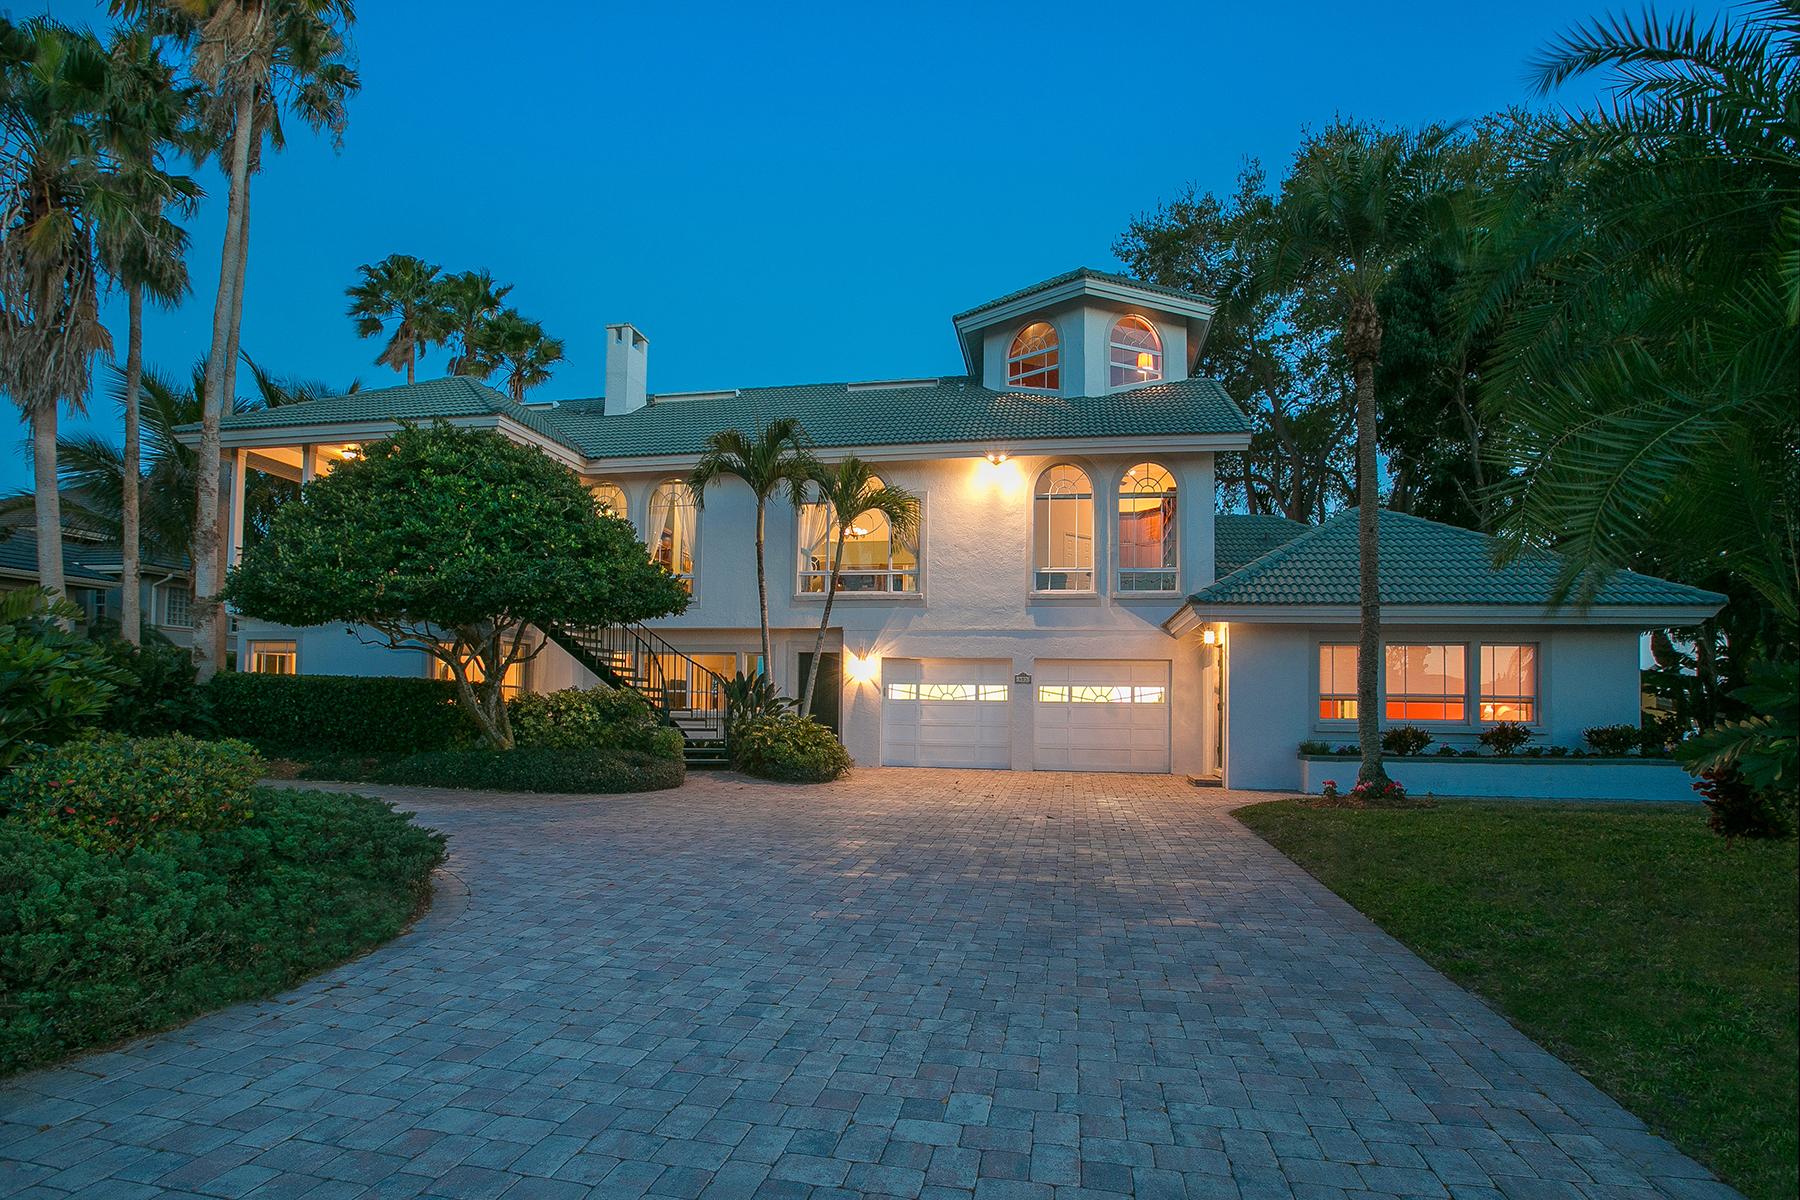 Casa Unifamiliar por un Venta en ENCHANTED ISLES 403 Sunrise Dr Nokomis, Florida, 34275 Estados Unidos